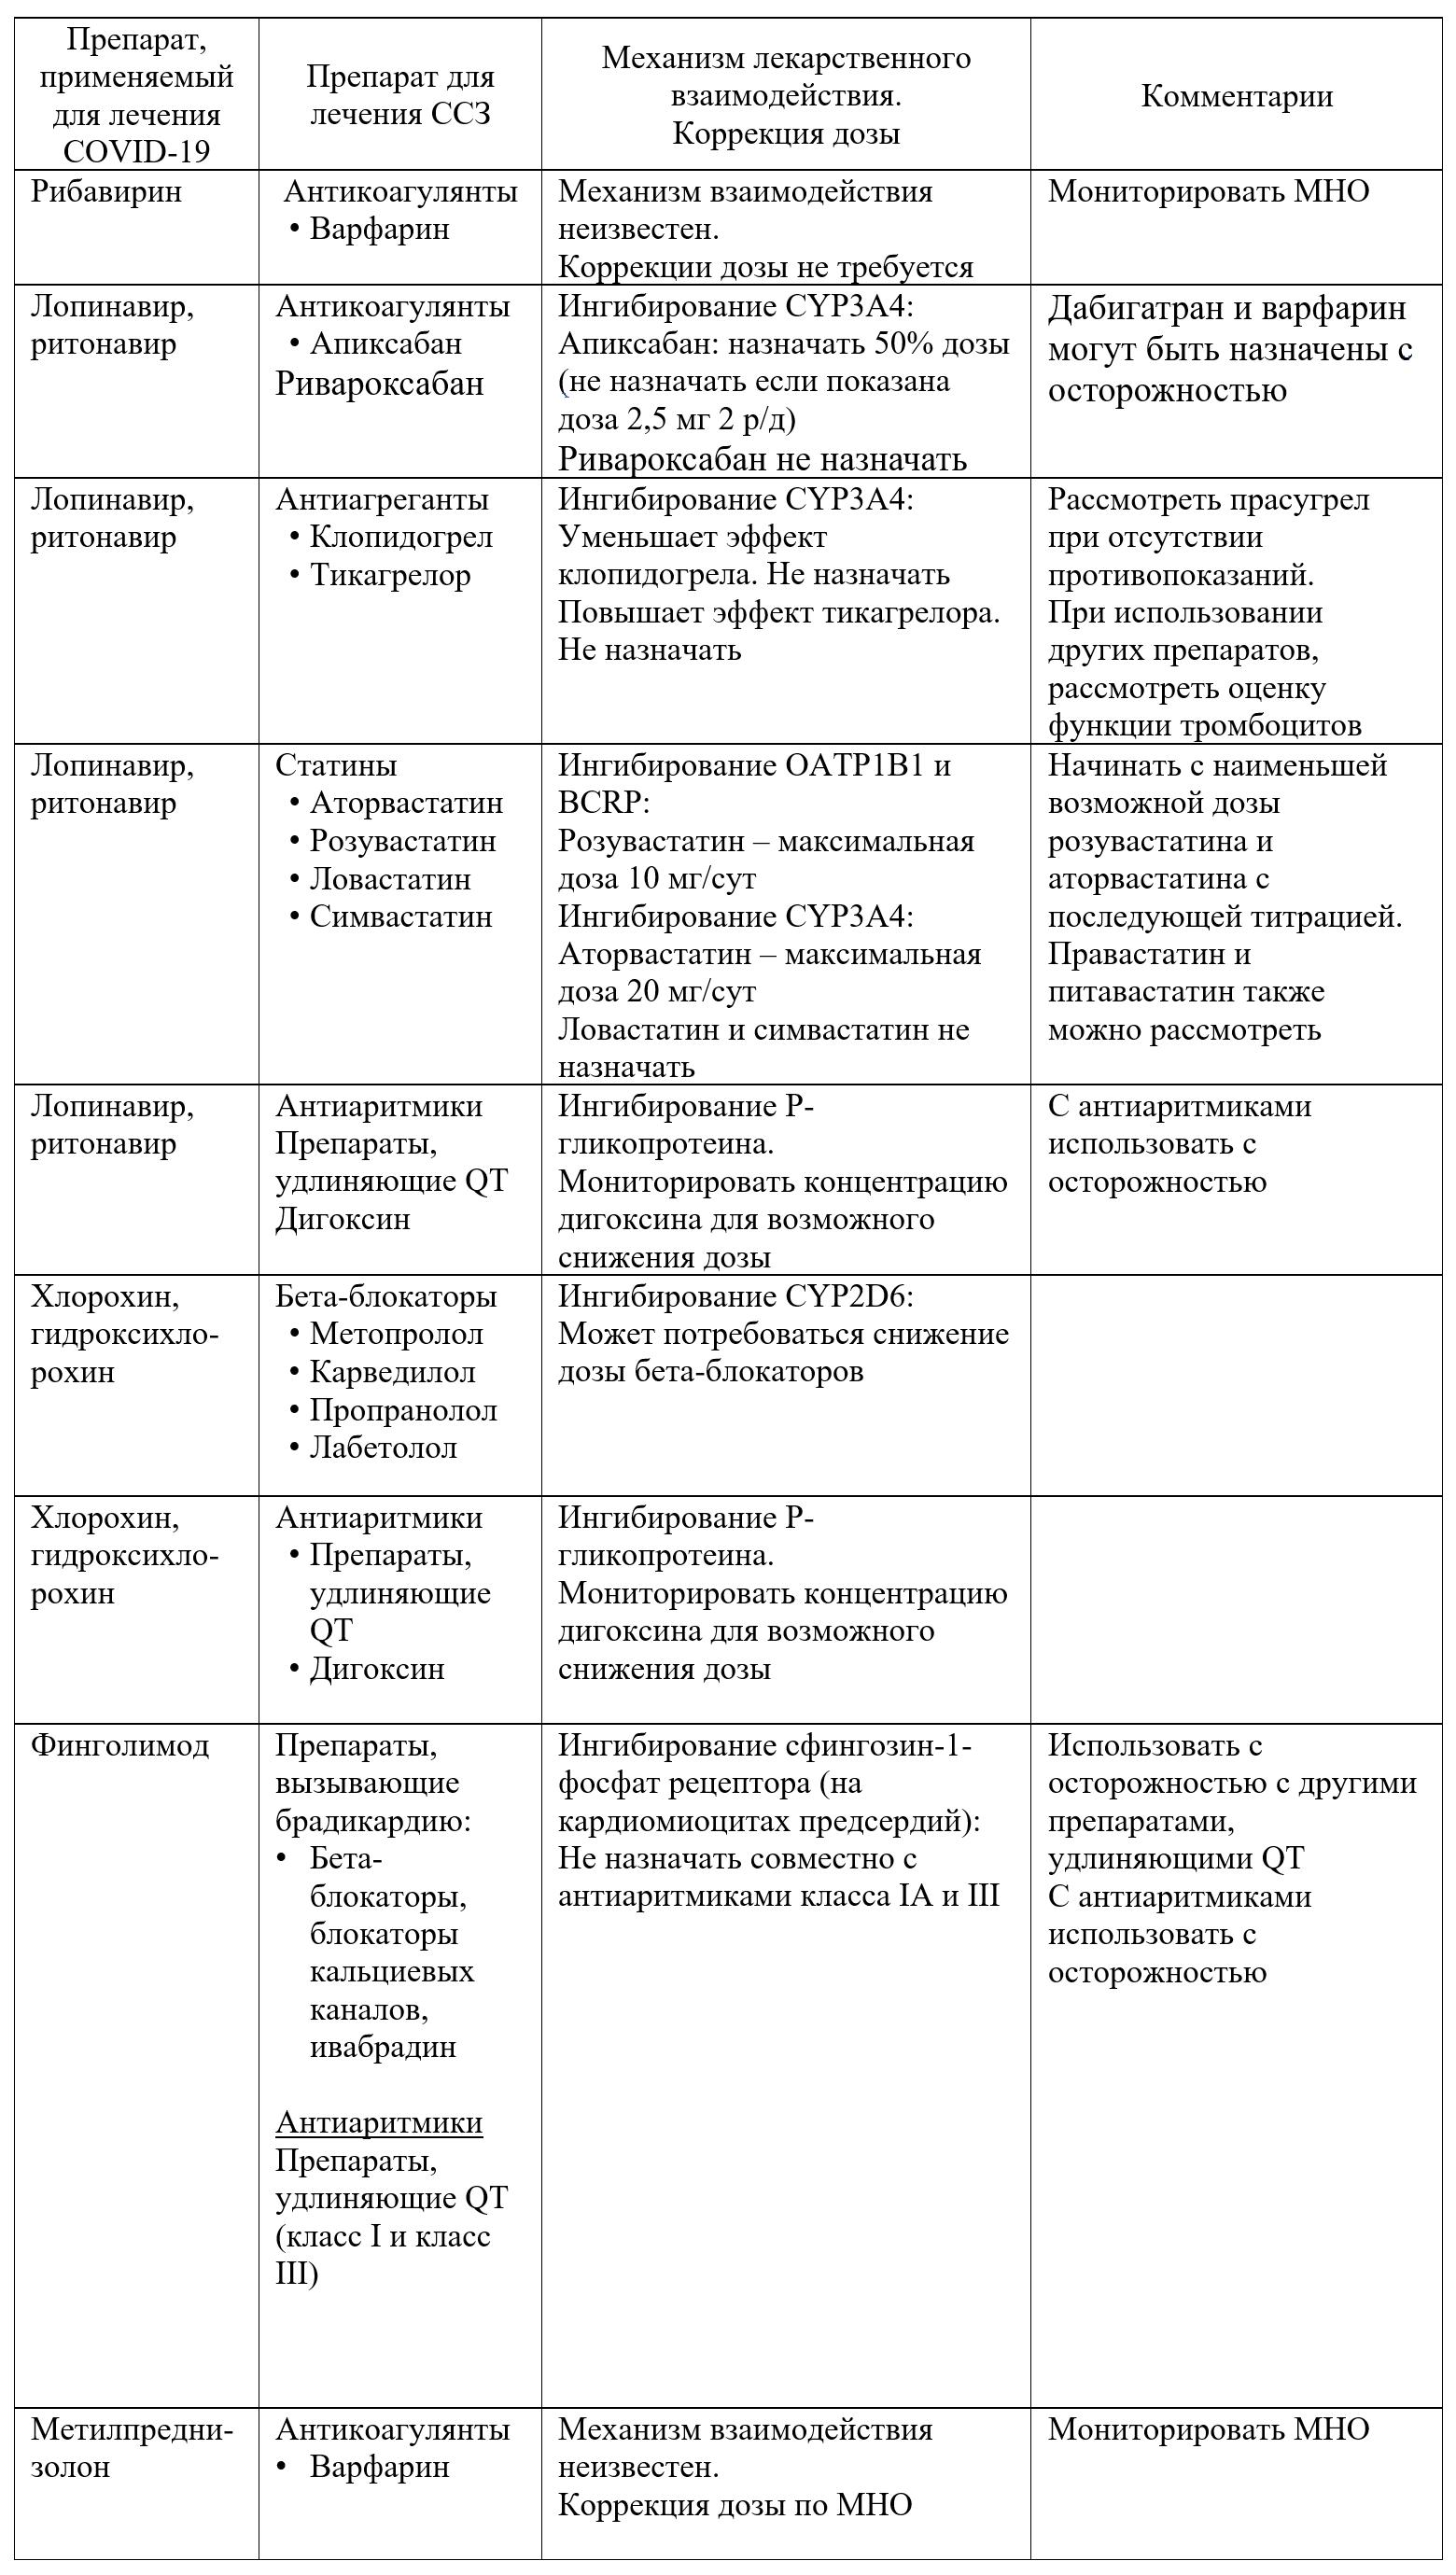 Механизмы взаимодействия и принципы дозирования препаратов для лечения COVID-19 и сердечно-сосудистых заболеваний